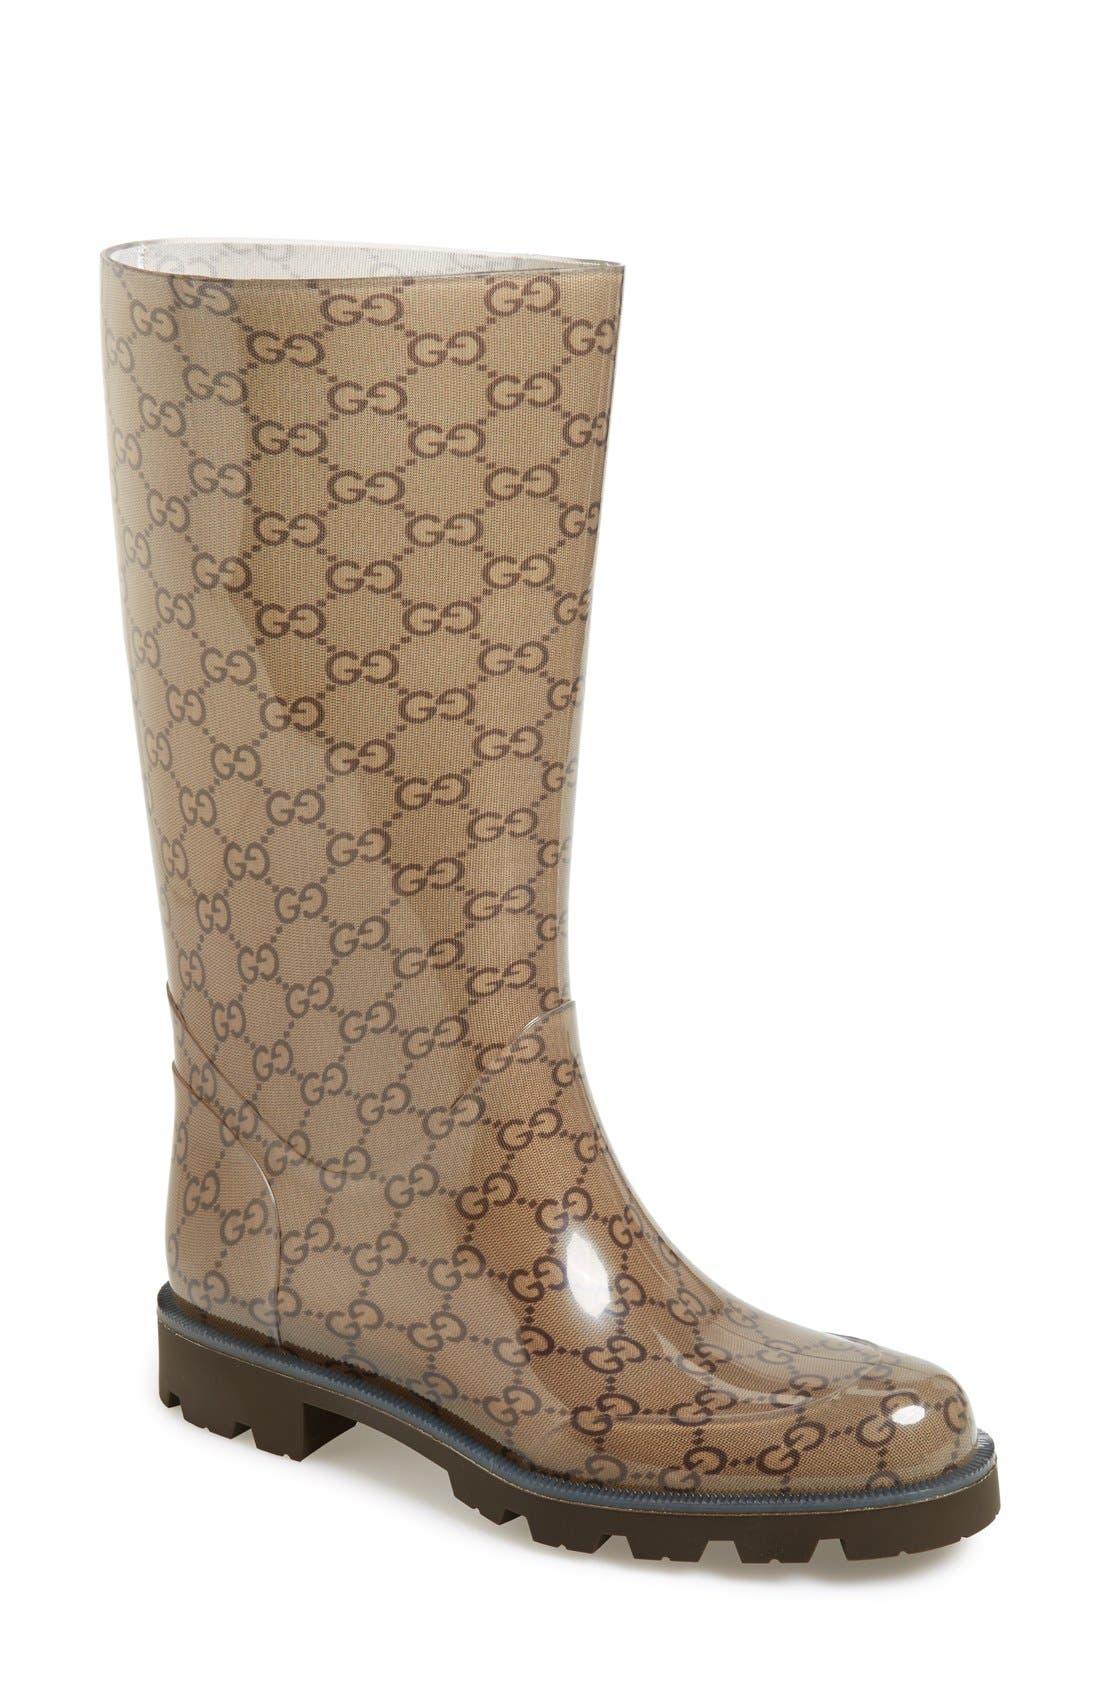 Main Image - Gucci 'Edimburg GG' Rain Boot